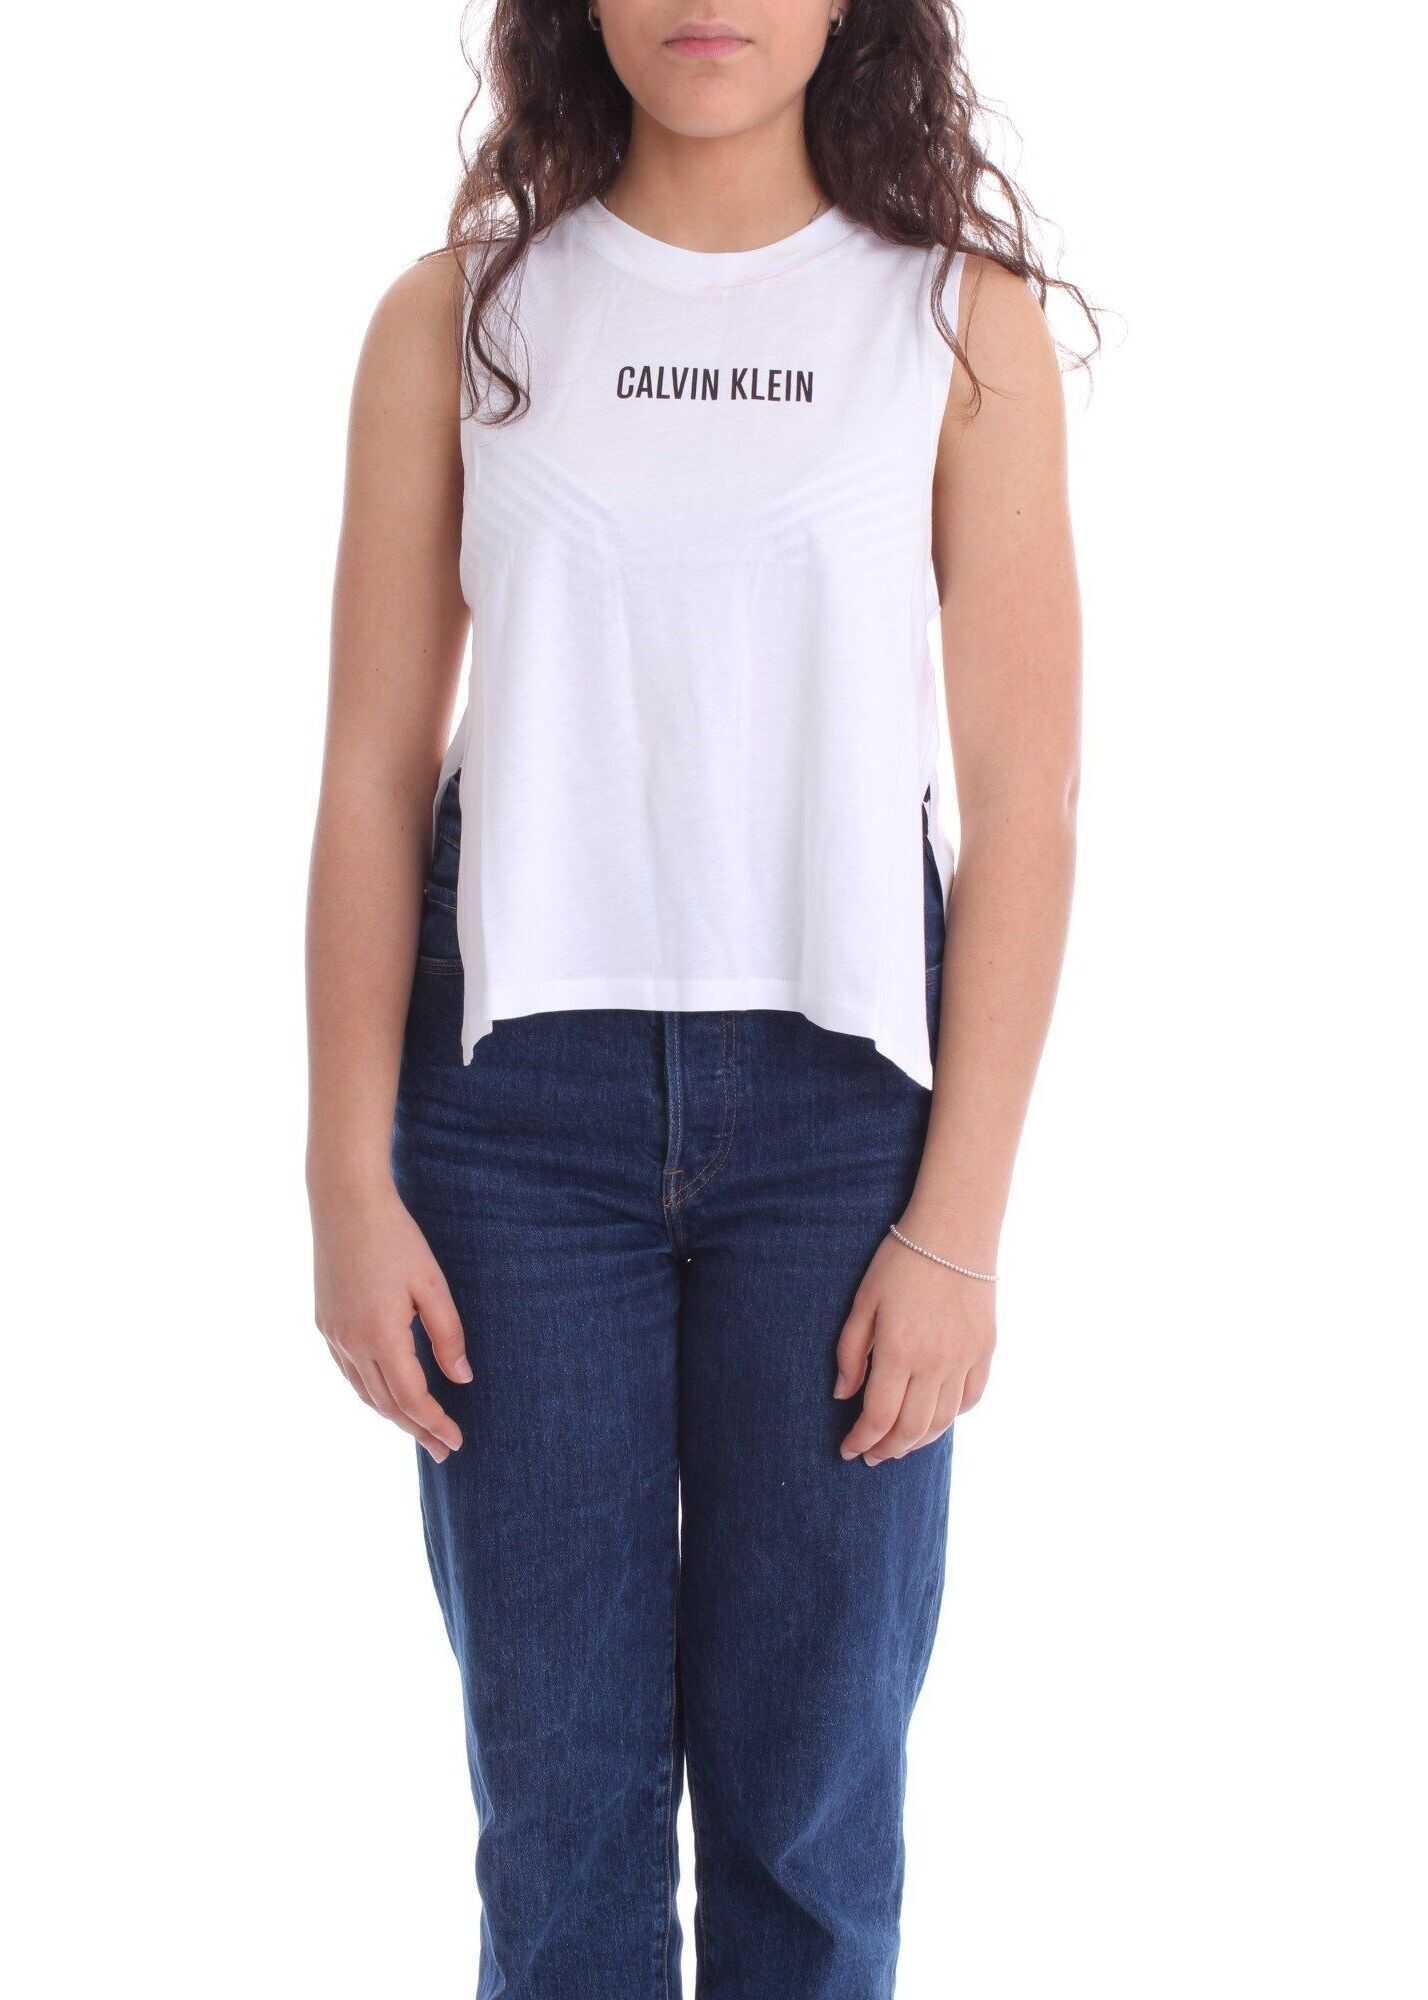 Calvin Klein Cotton Tank Top WHITE